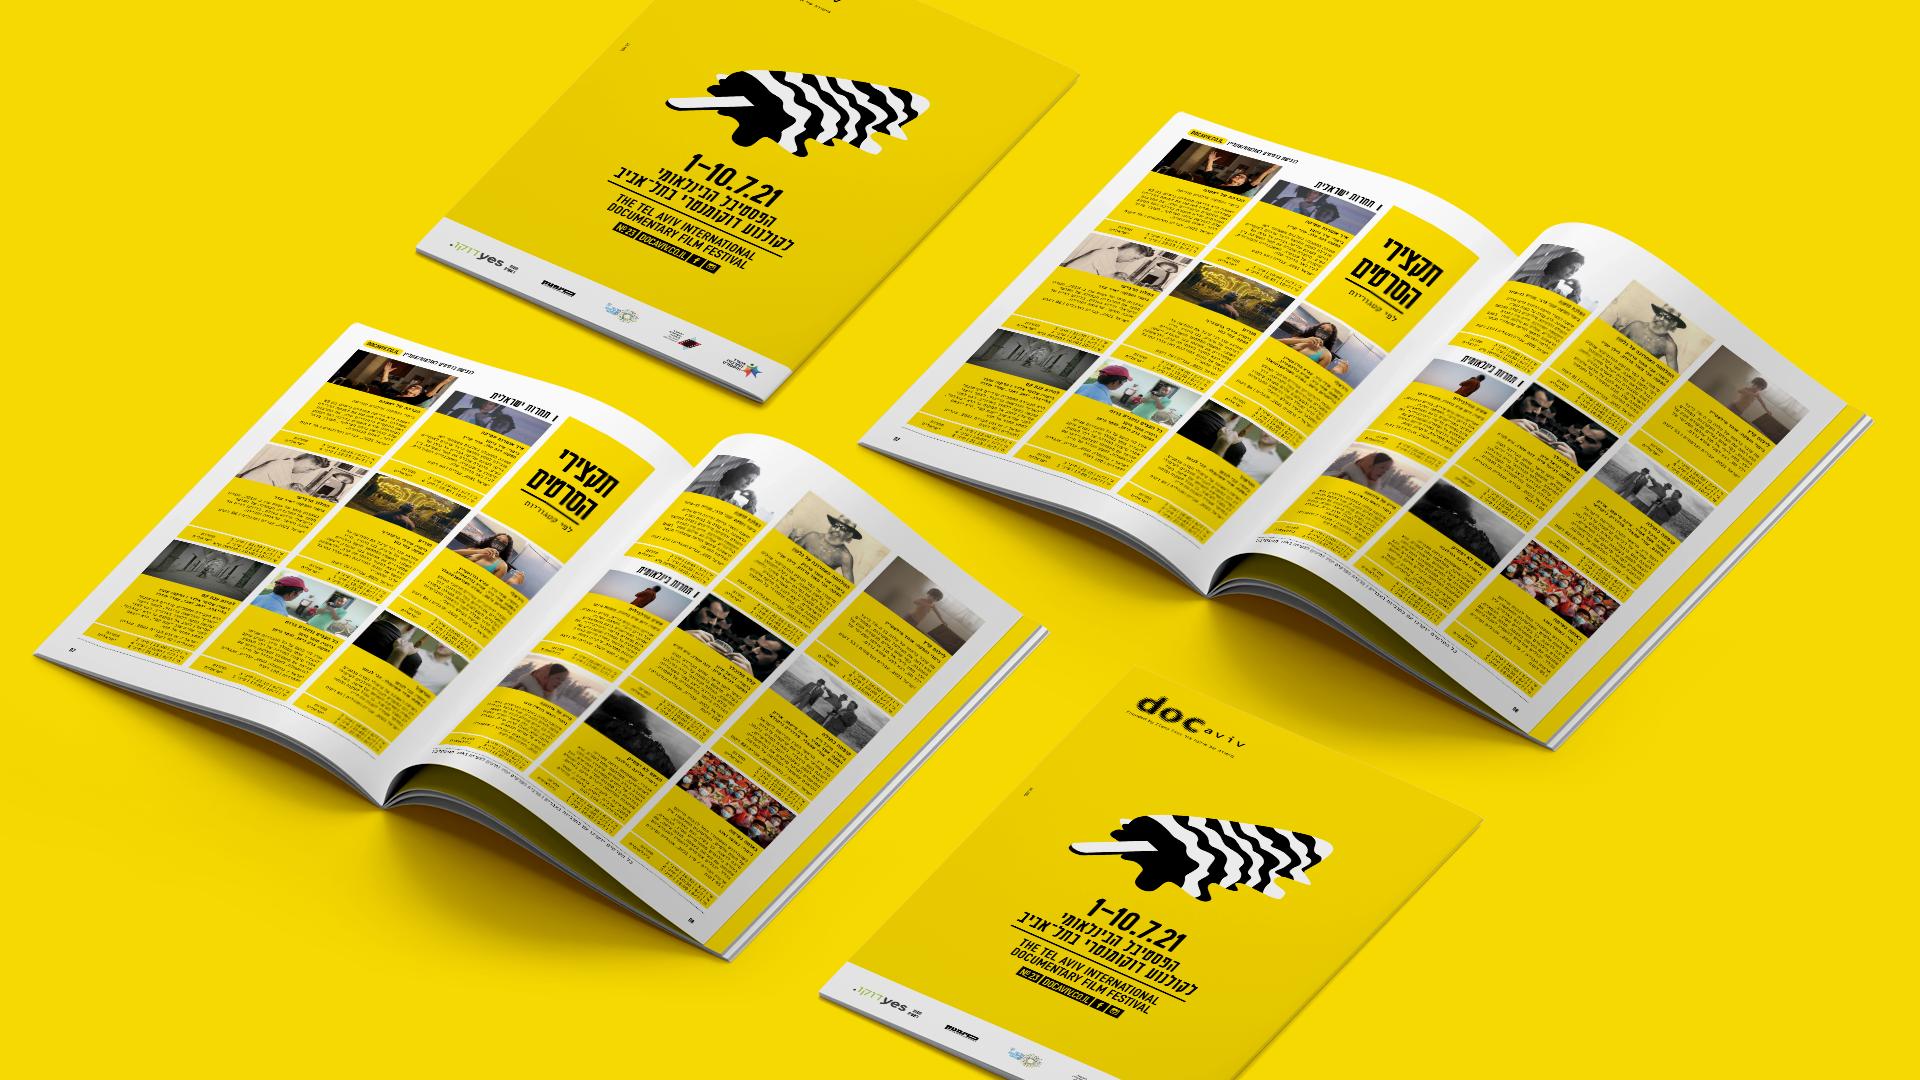 Docaviv tel aviv 2021 magazine